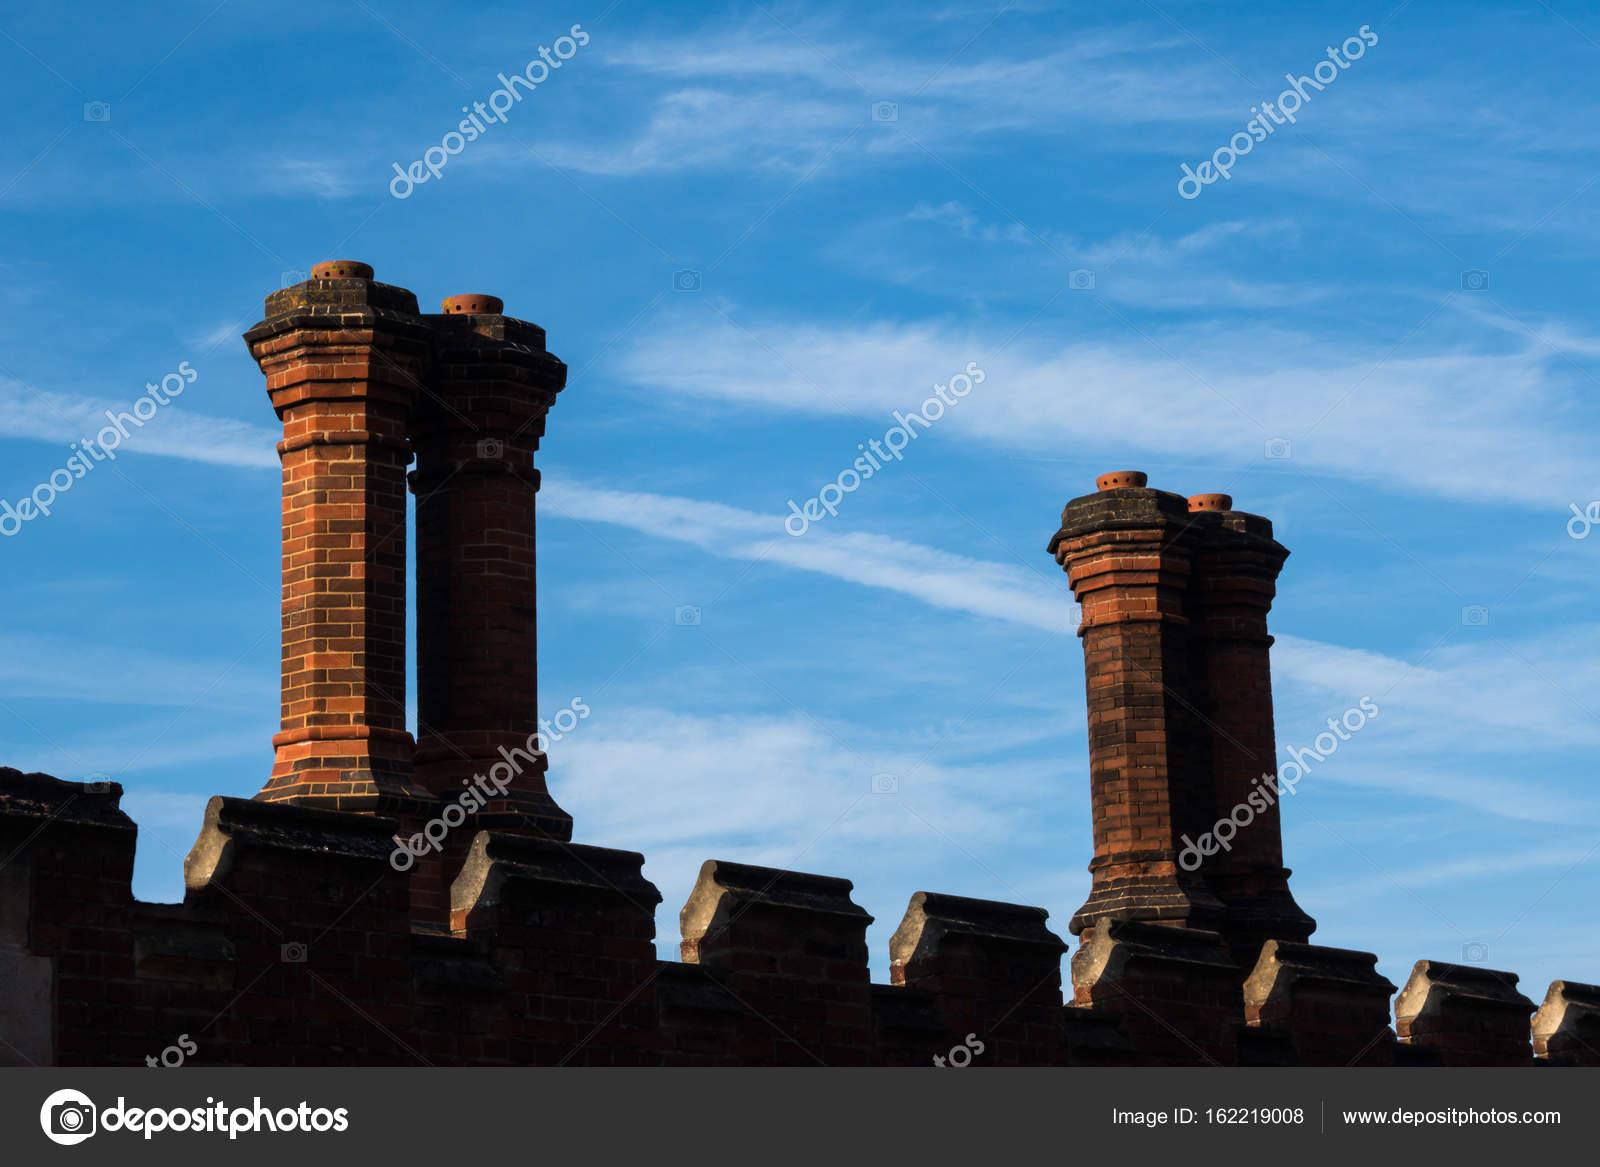 Camini In Mattoni Rossi : Dettaglio dei camini di mattoni rossi sul tetto in architettura